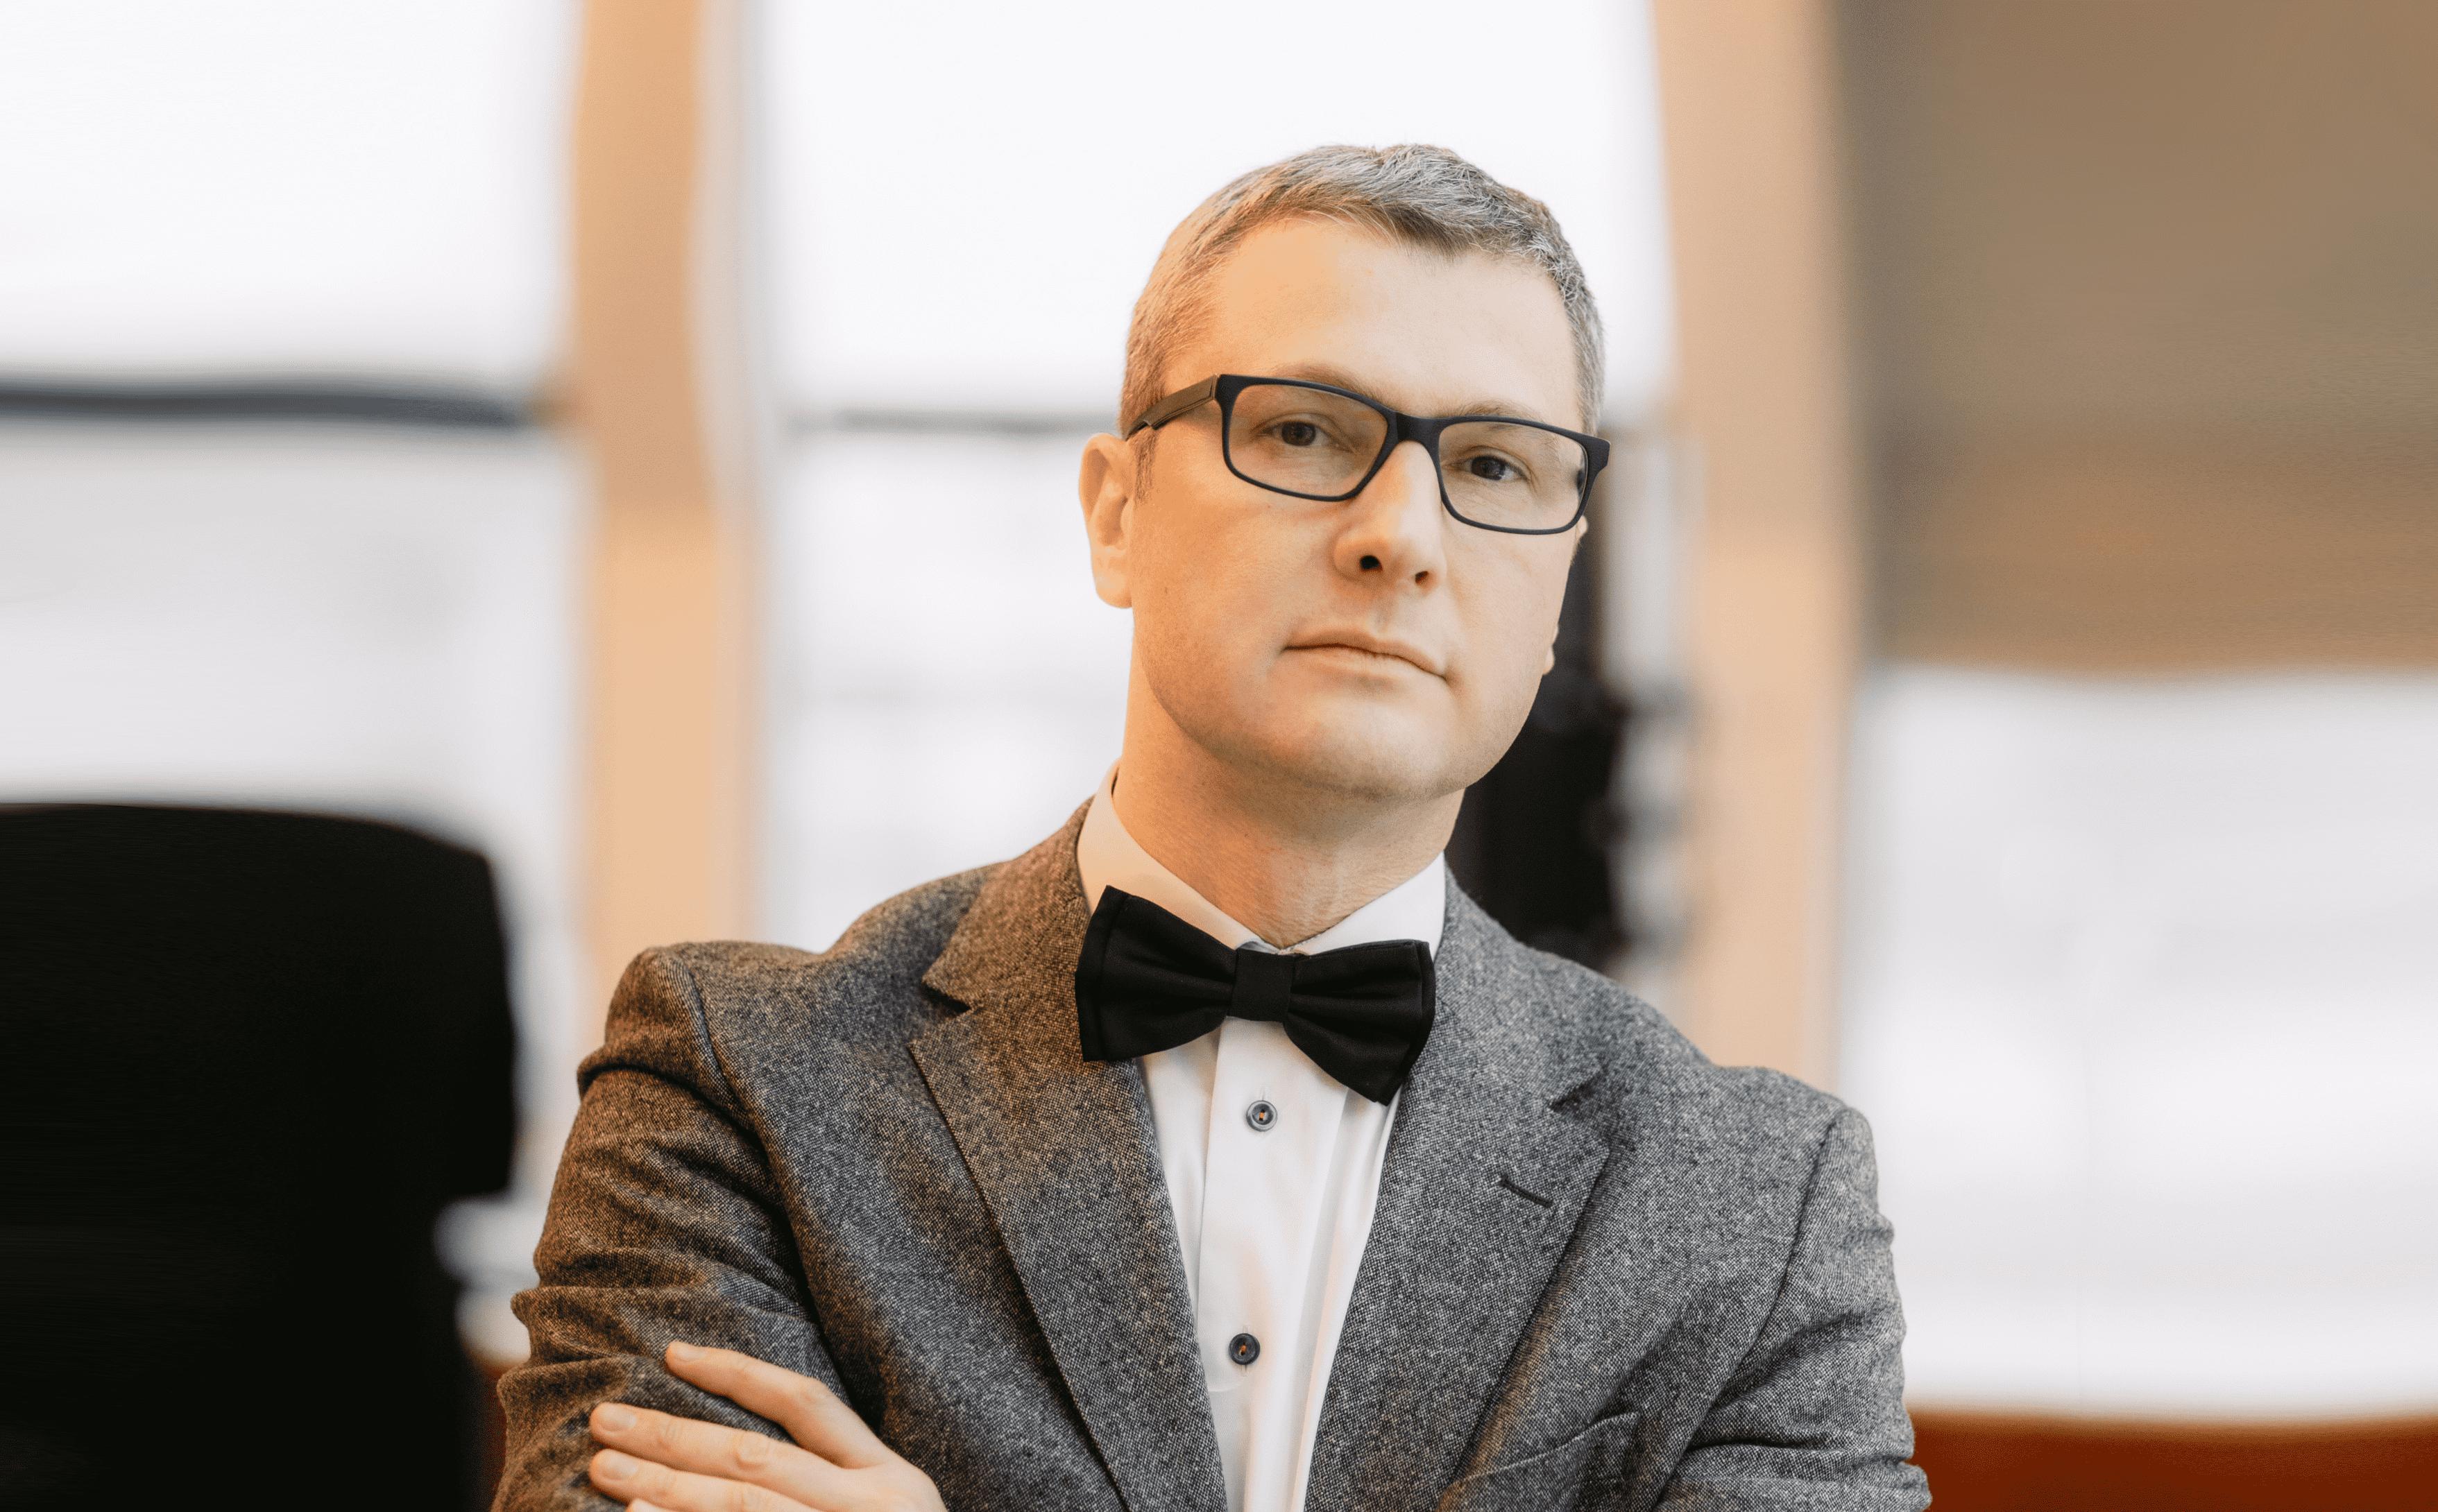 Мельничук Максим Дмитриевич: «Сейчас достаточно открытых источников, чтобы составить представление о человеке»